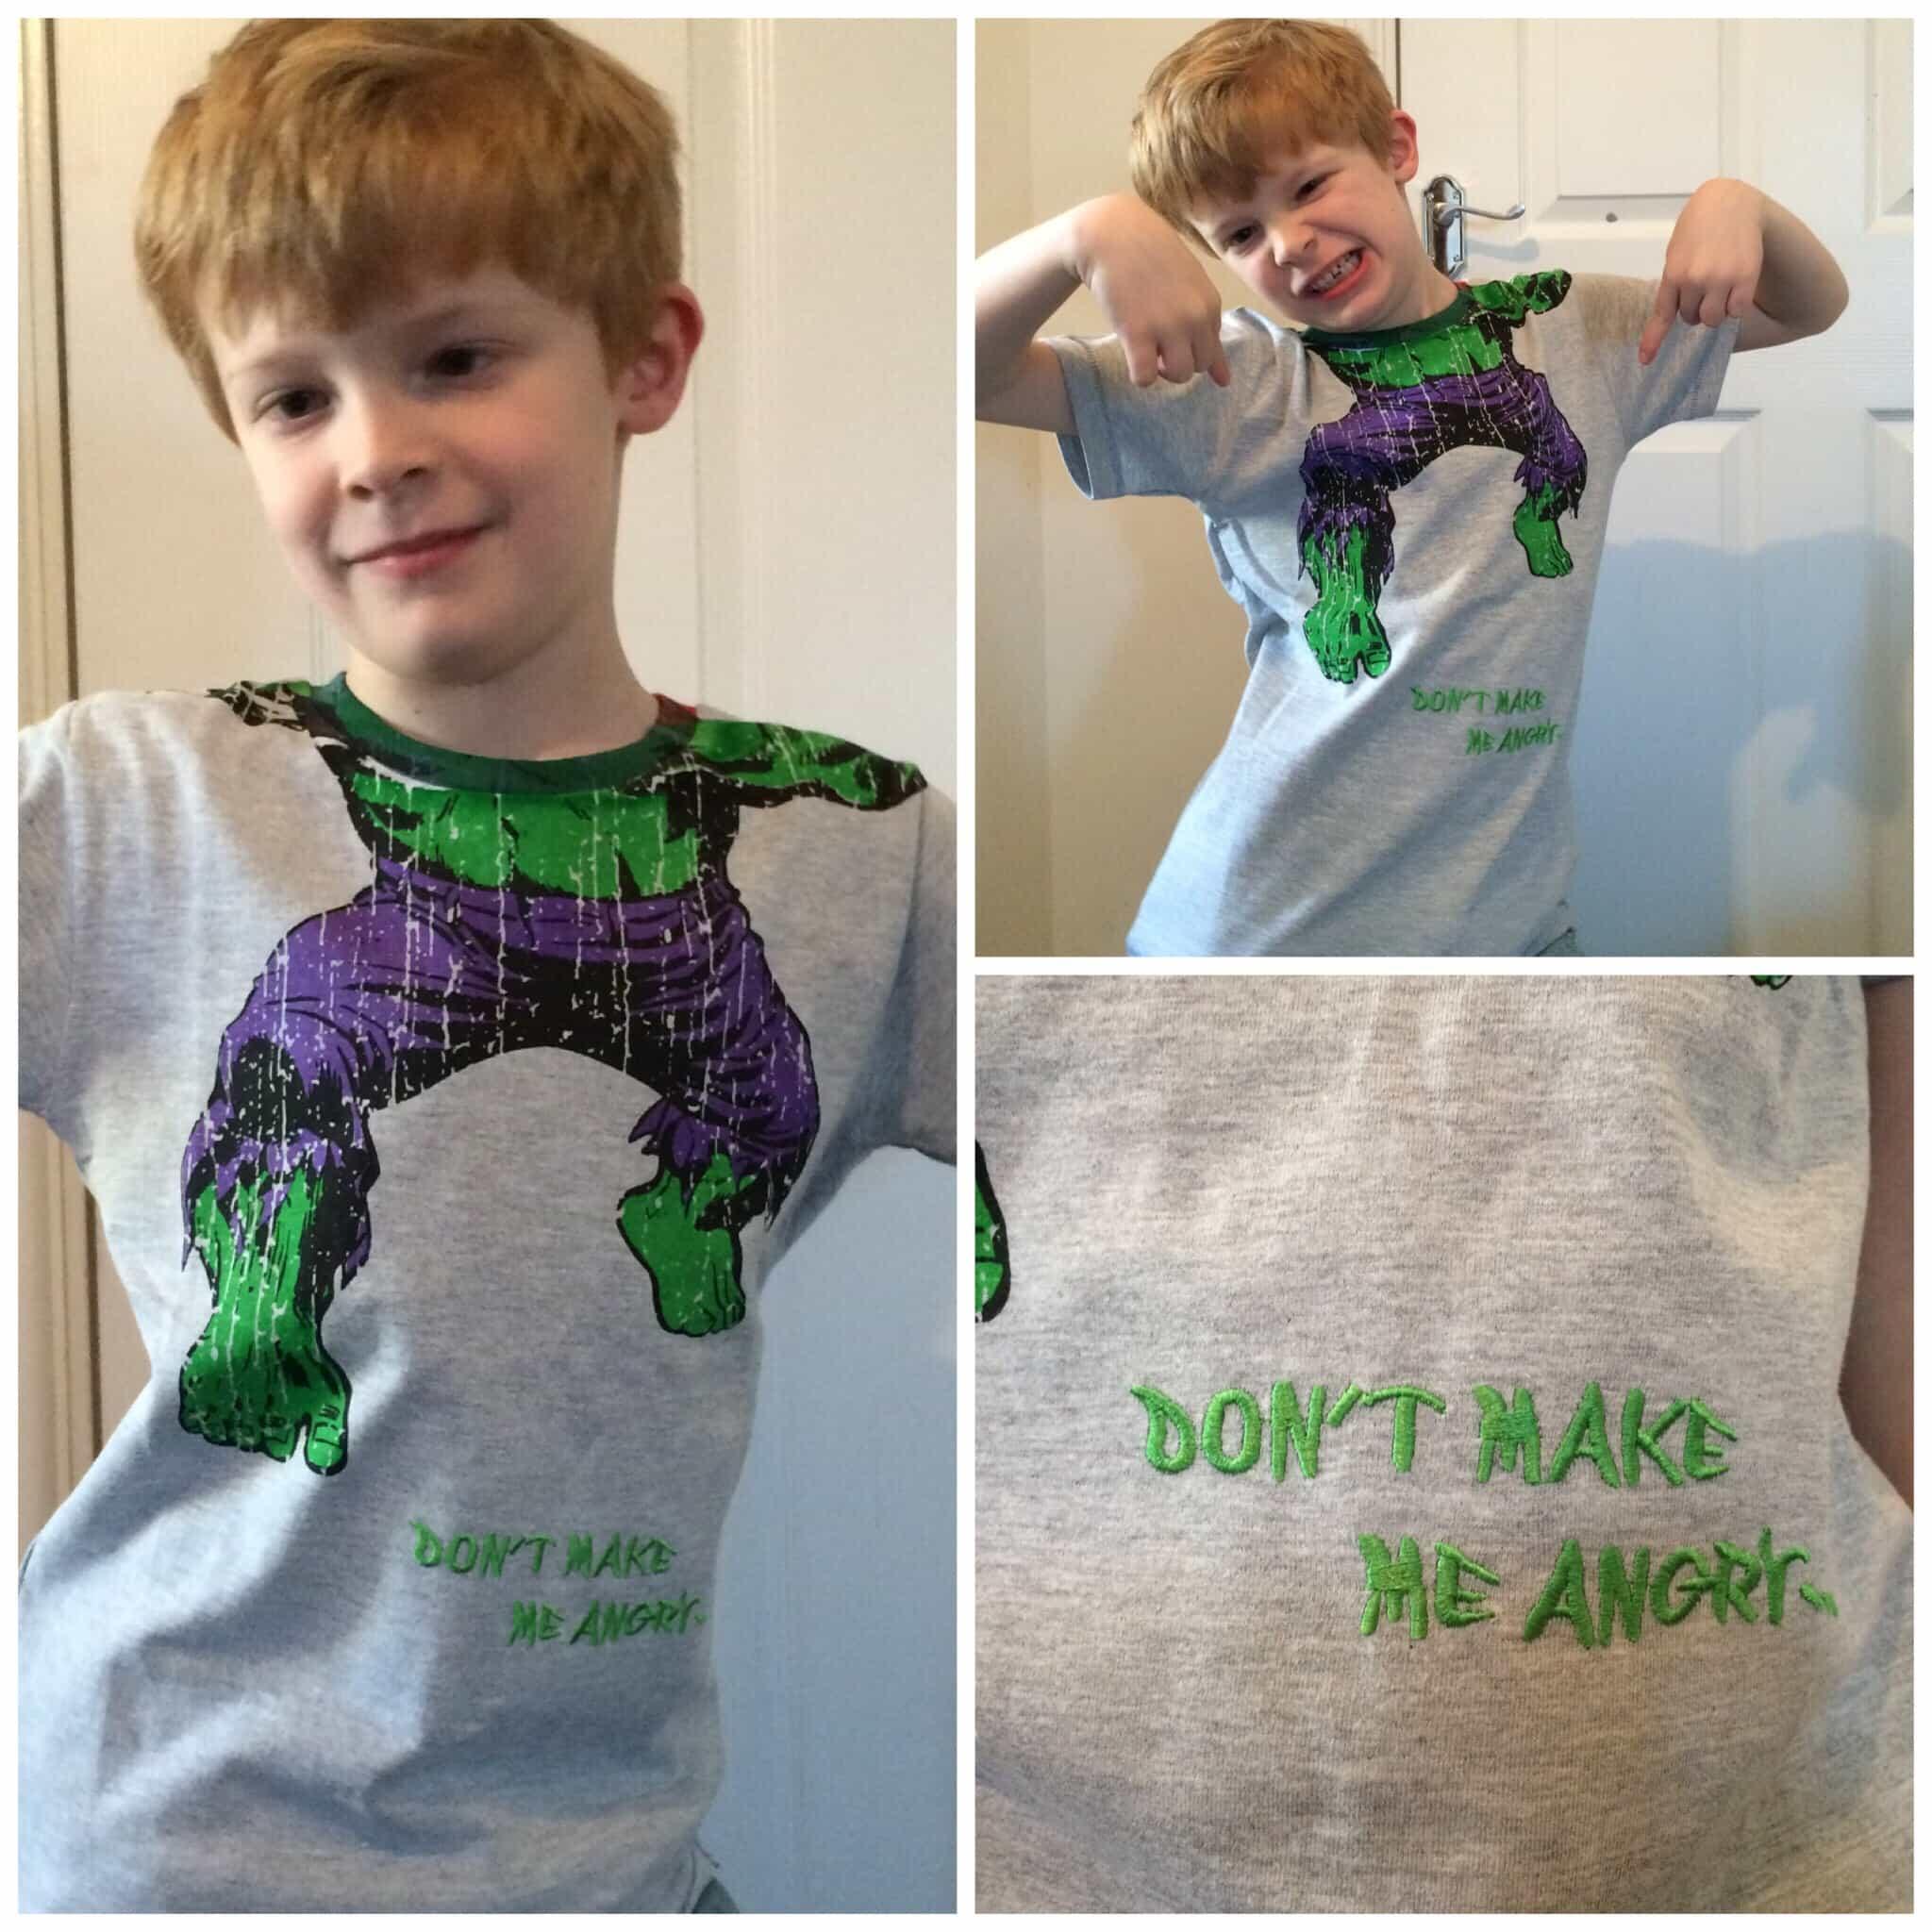 The Incredible Hulk. Don't make me angry